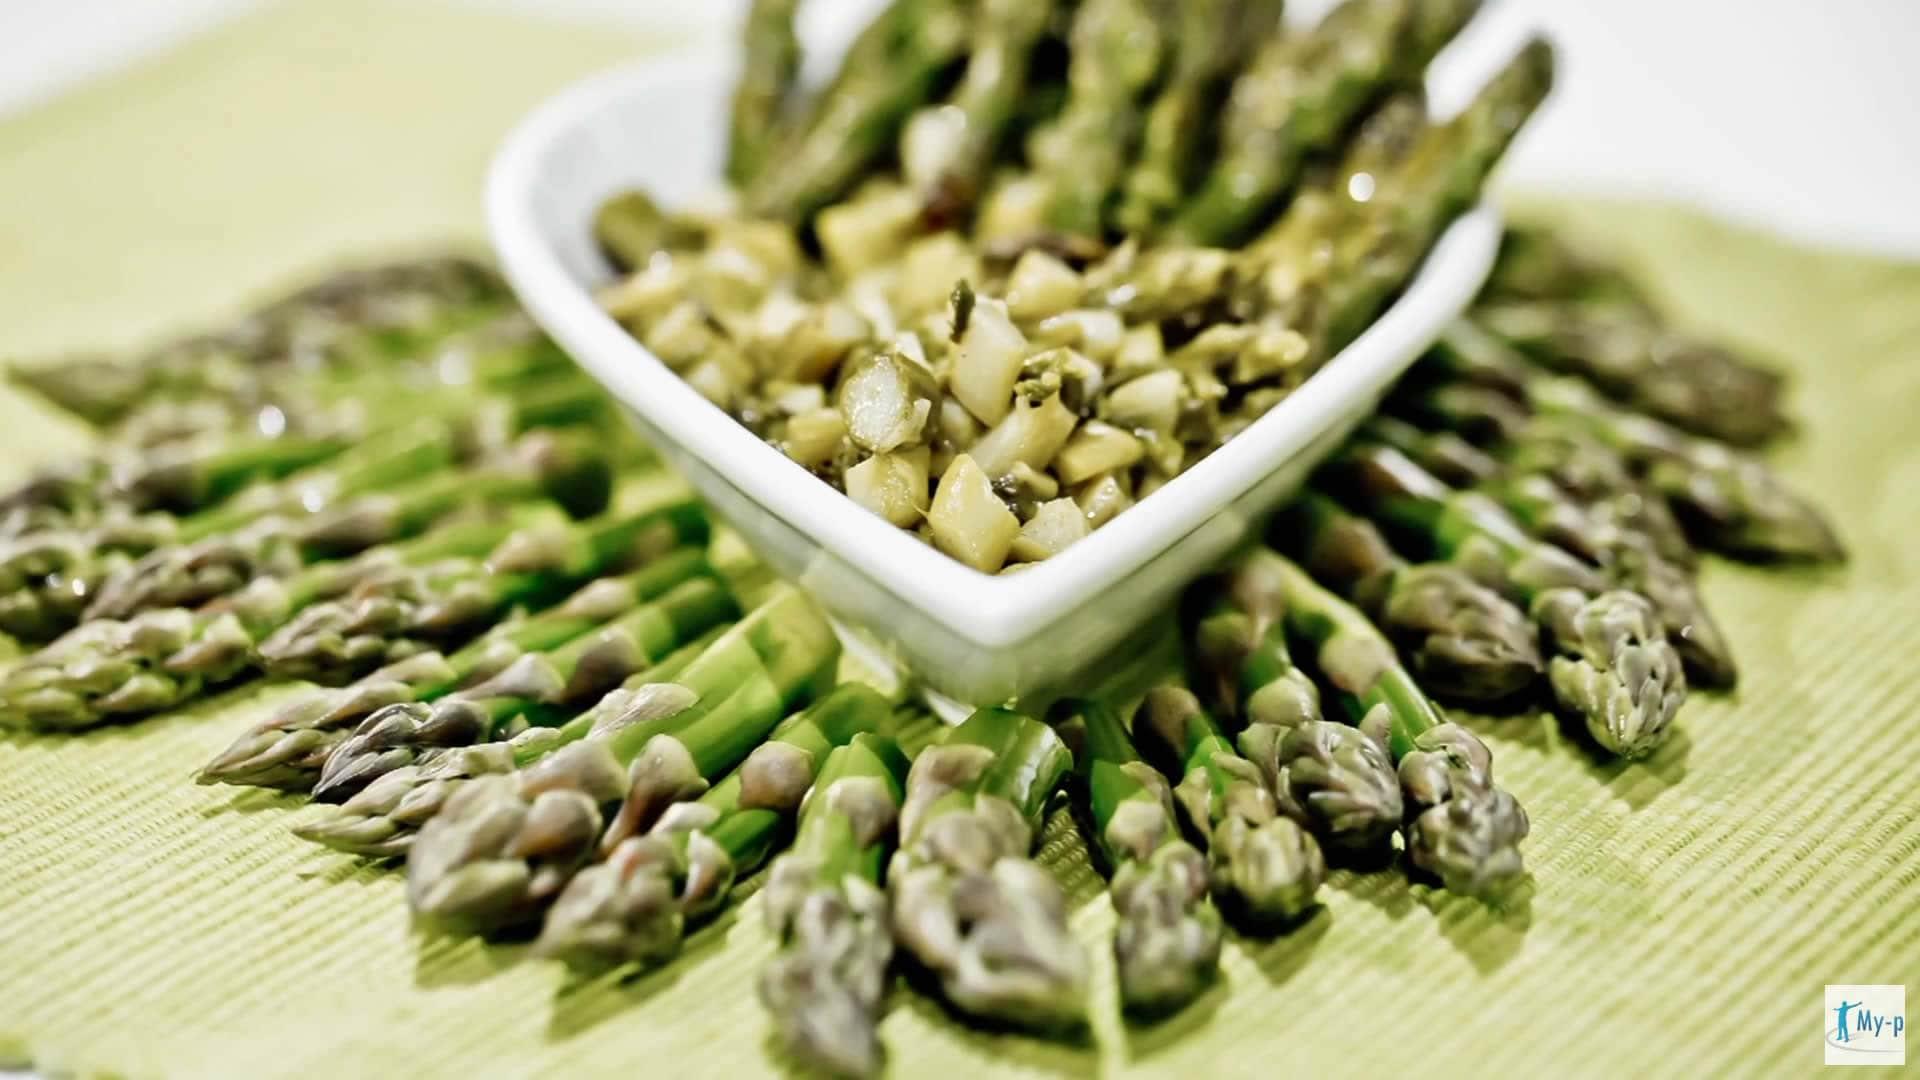 Sugo di asparagi - pulire e cuocere gli asparagi